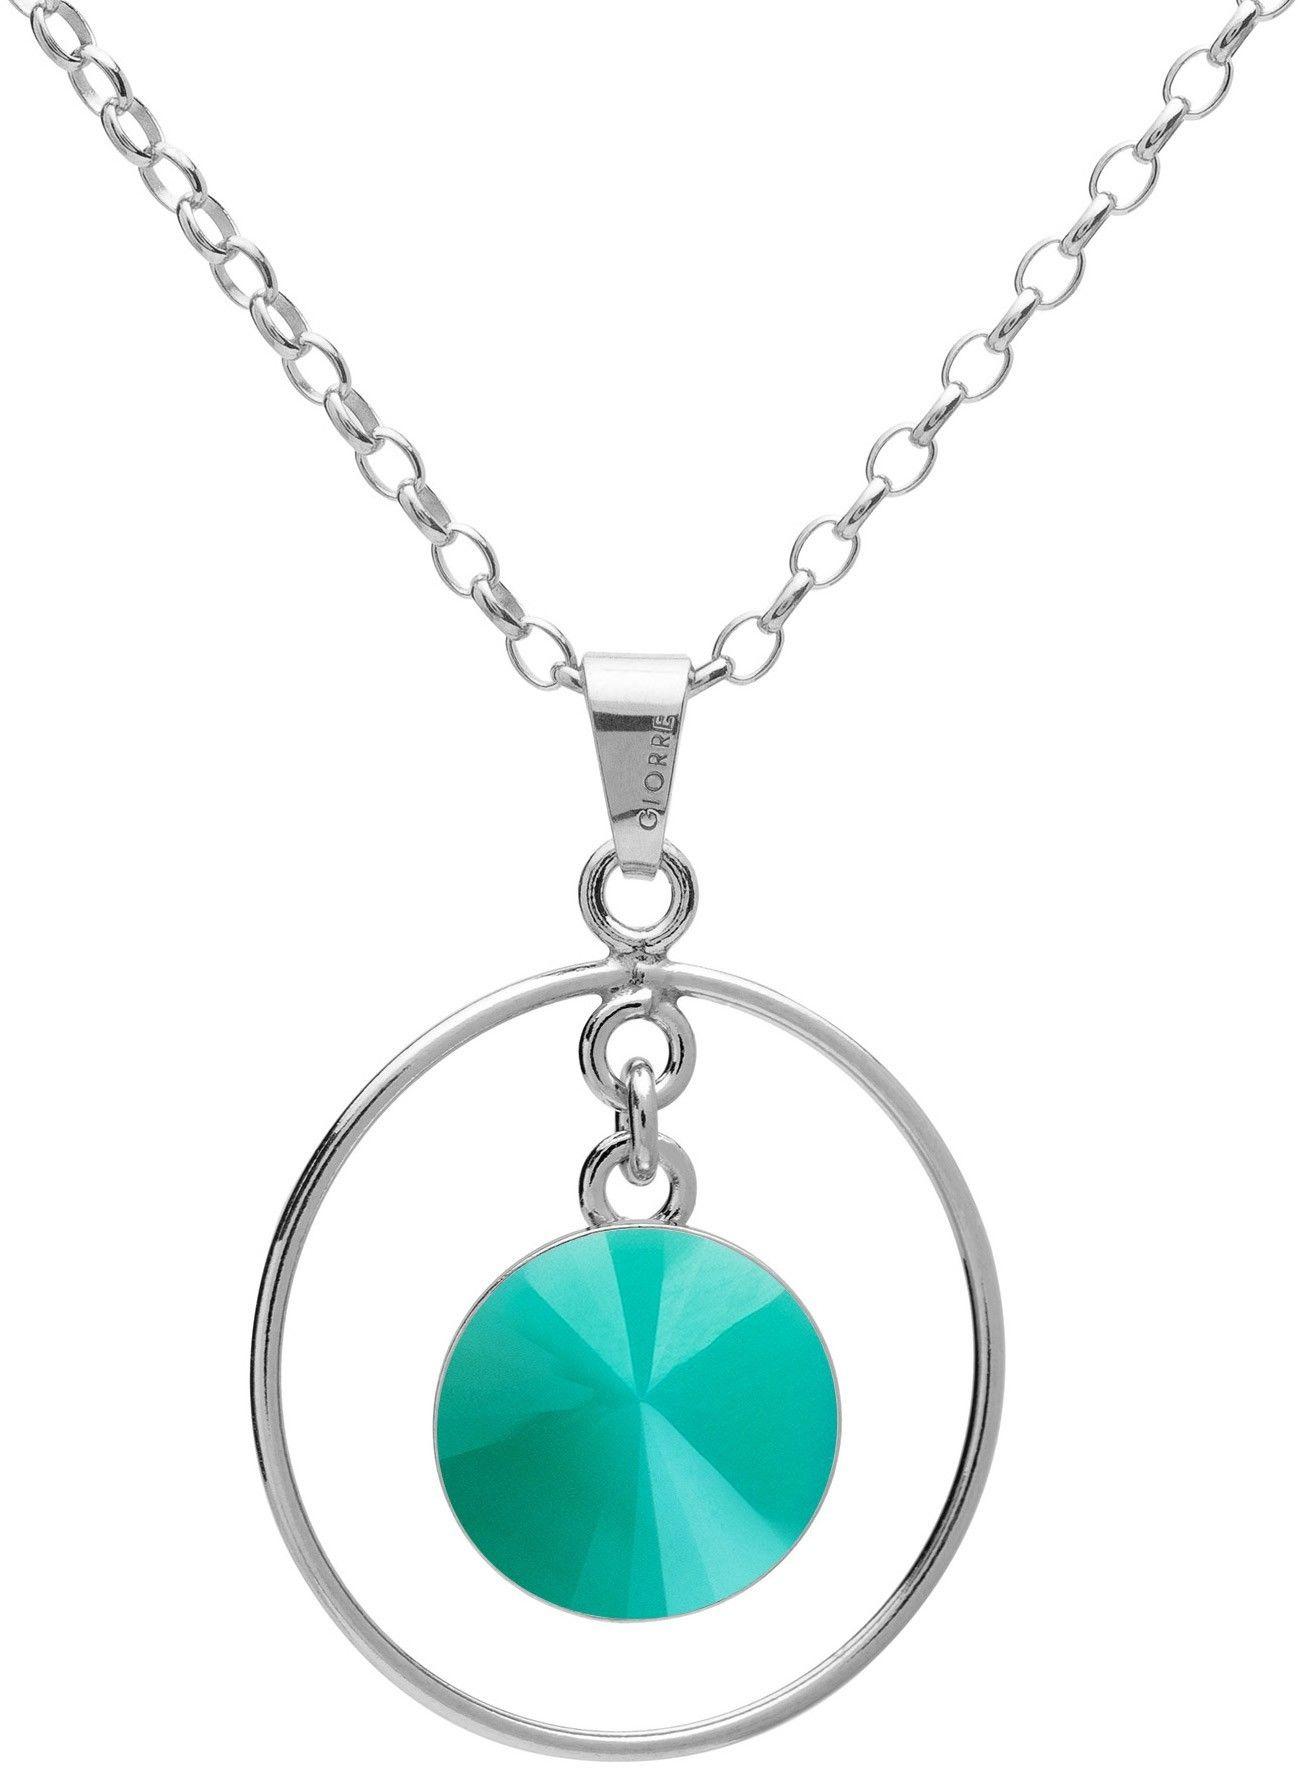 Okrągły naszyjnik z naturalnym kamieniem - jadeit, srebro 925 : Długość (cm) - 45 + 5, Kamienie naturalne - kolor - jadeit zielony jasny, Srebro - kolor pokrycia - Pokrycie platyną